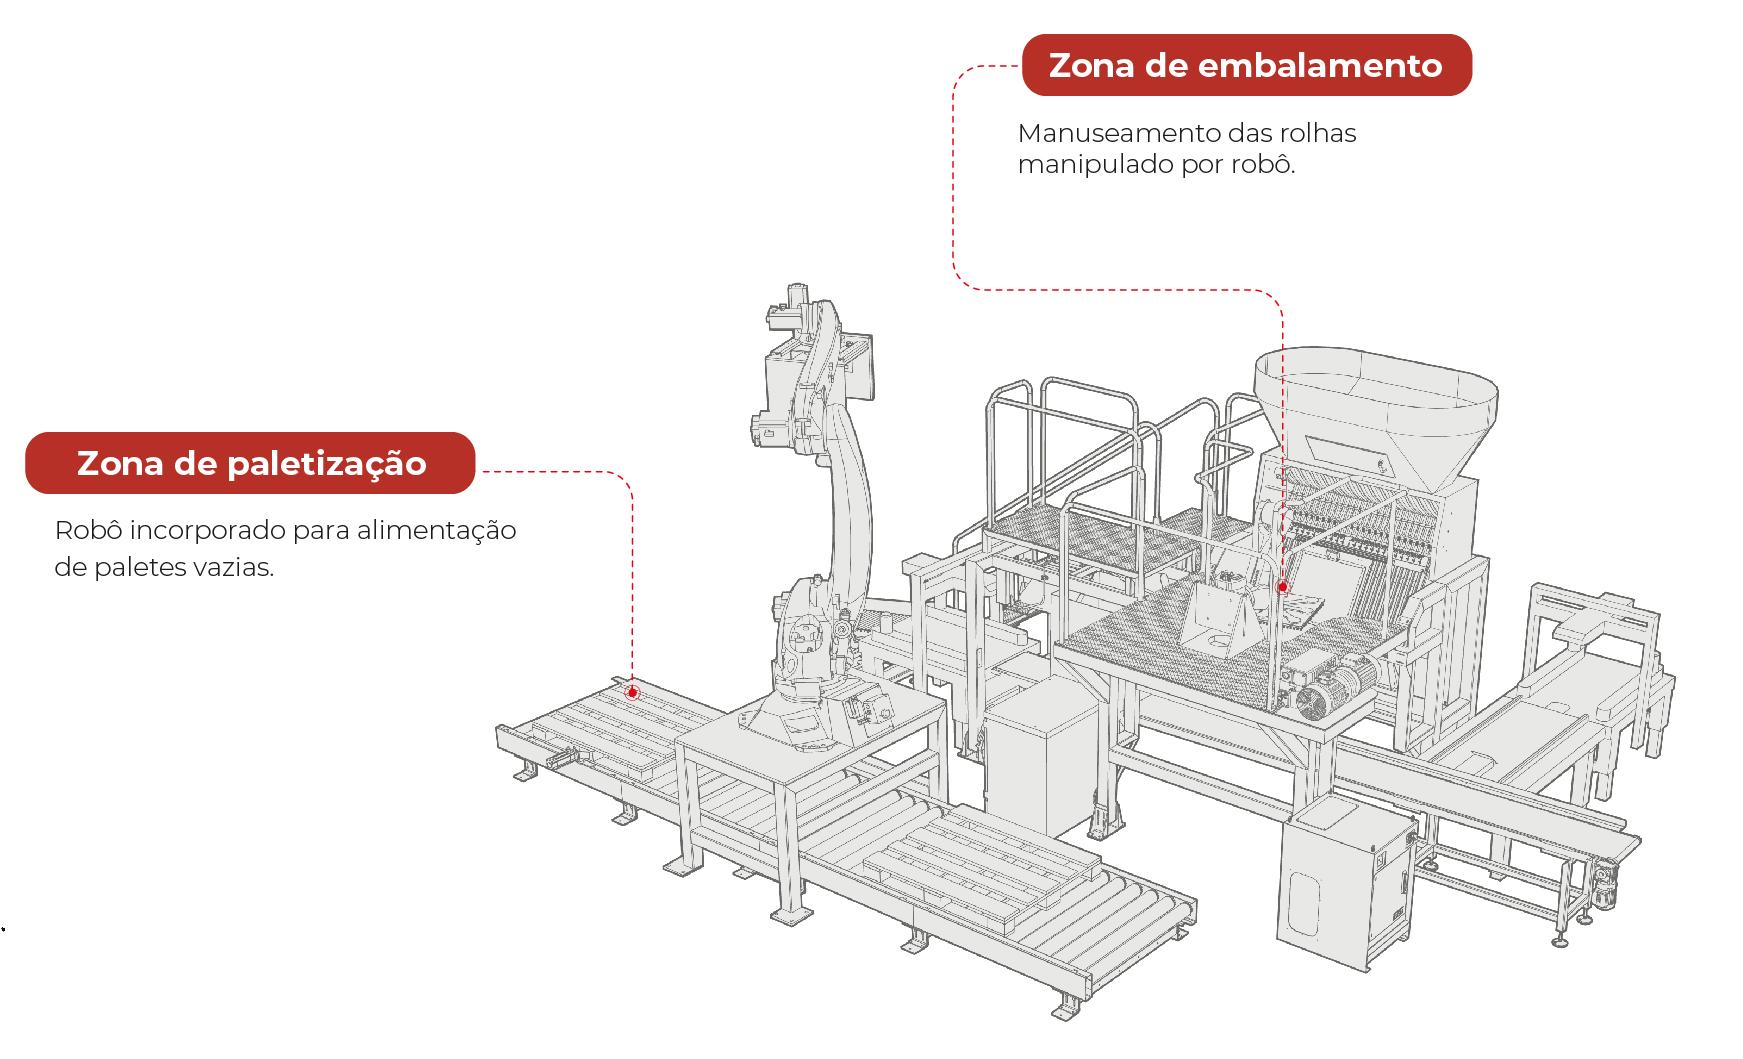 Robot para Rolhas: zona de embalamento e paletização- Robótica | ESI - Engenharia, soluções e inovação